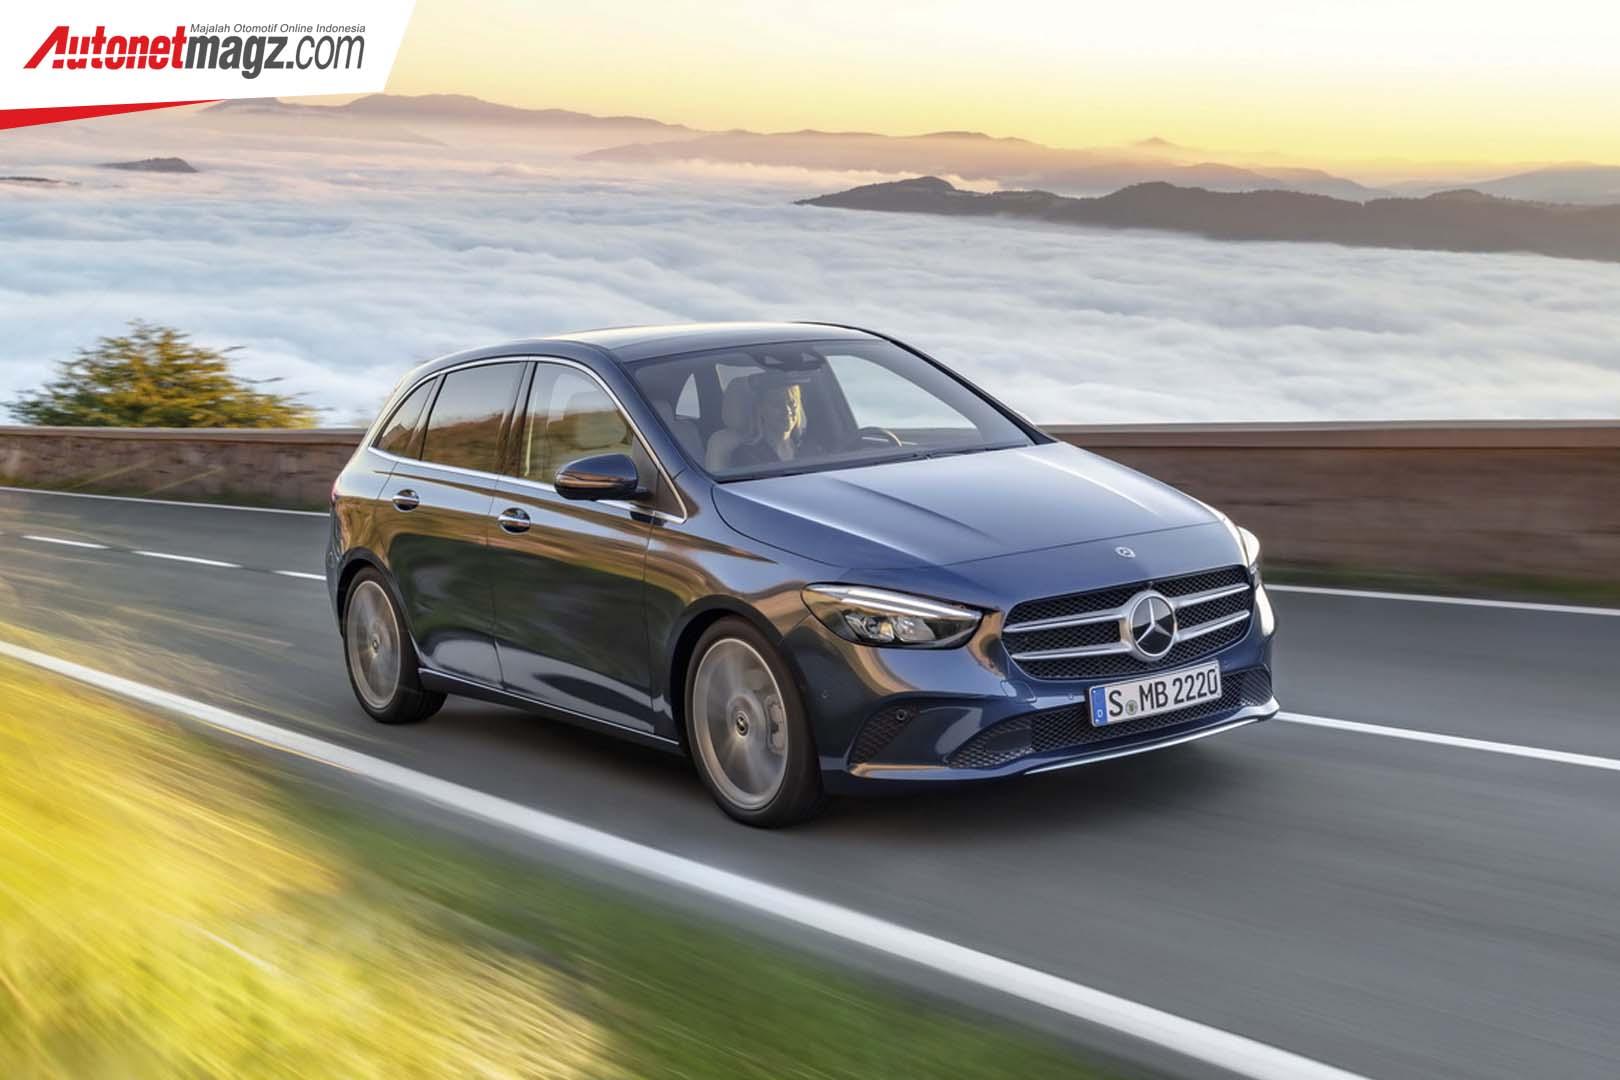 Mercedes B Class >> Mercedes Benz B Class W247 Autonetmagz Review Mobil Dan